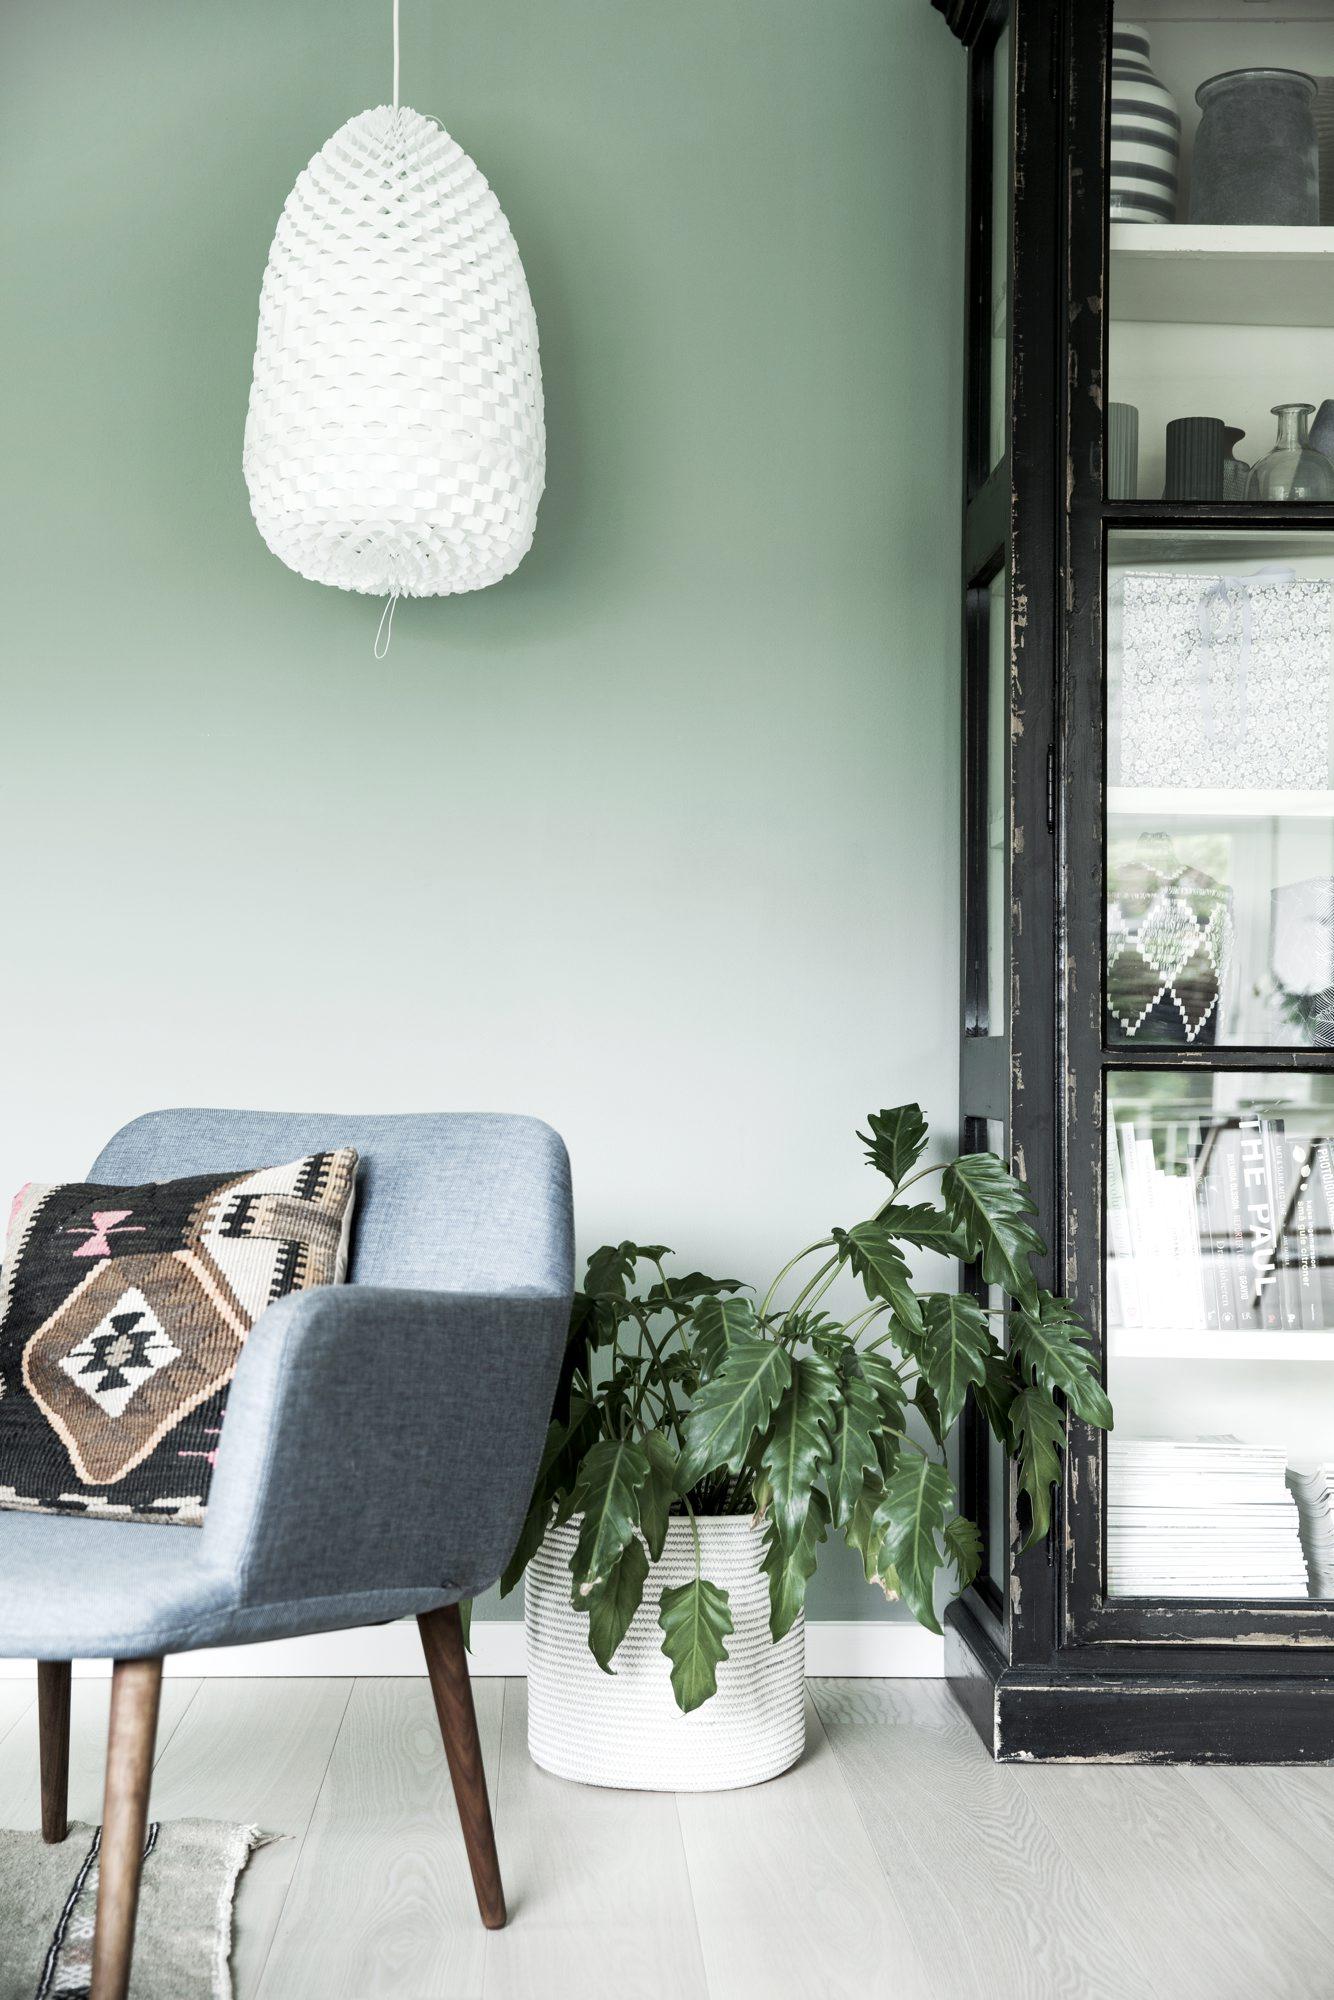 vitrineskap og stol i stue